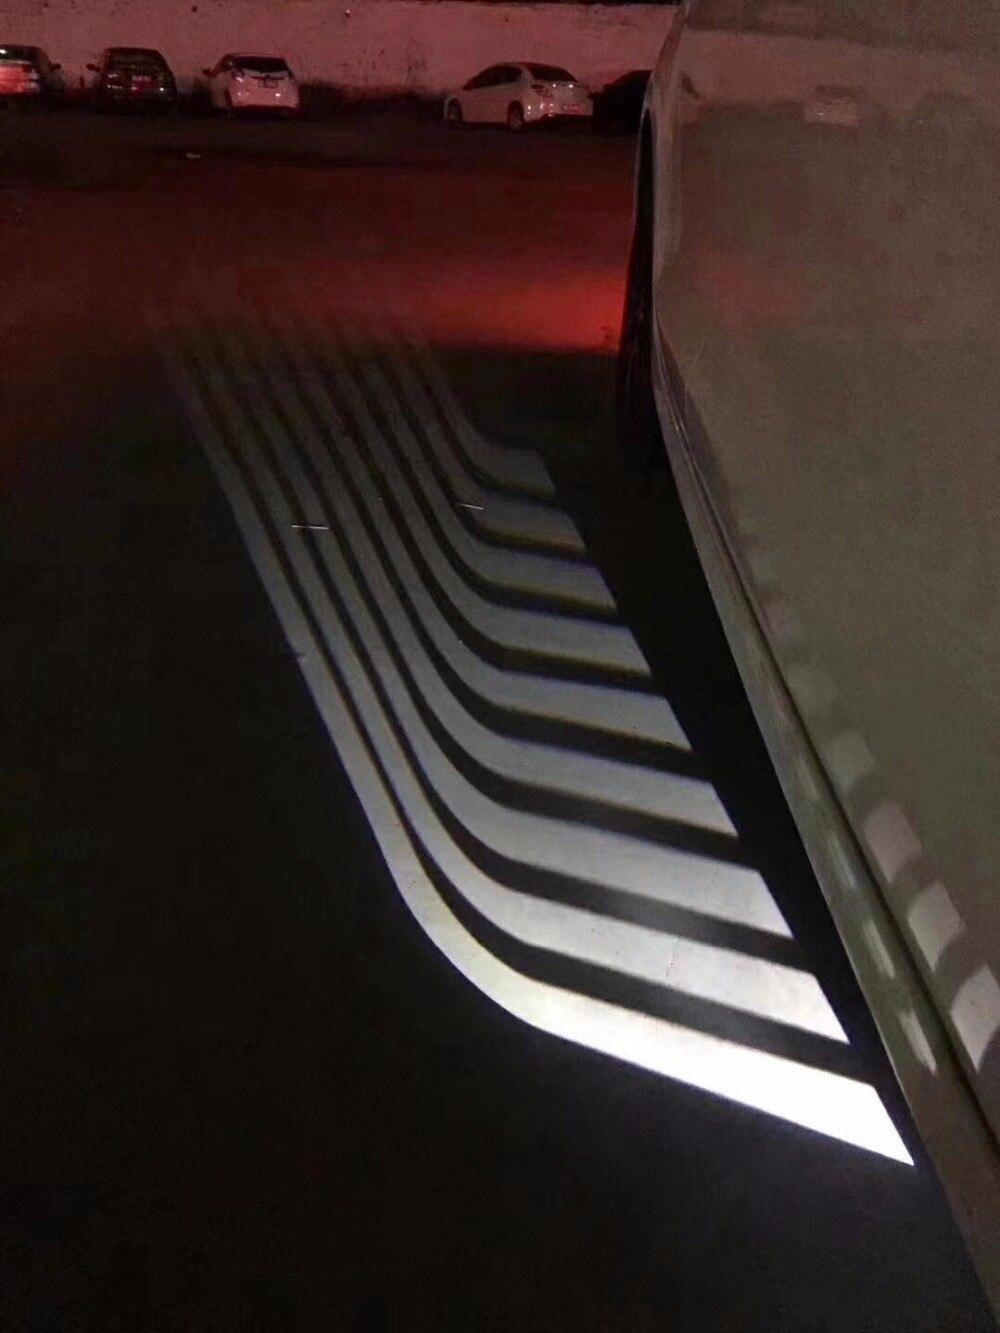 Qirun led поздравительные декоративные Daylights Тормозная туман лампы Обратный фар поворотник для Nissan камионс Cube D21 Dualis